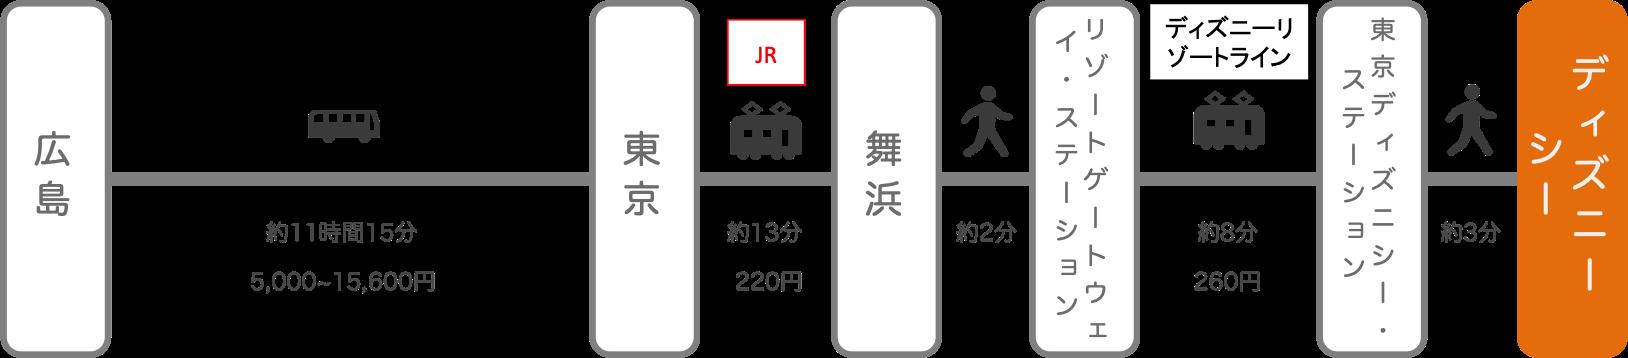 ディズニーシー_広島_高速バス